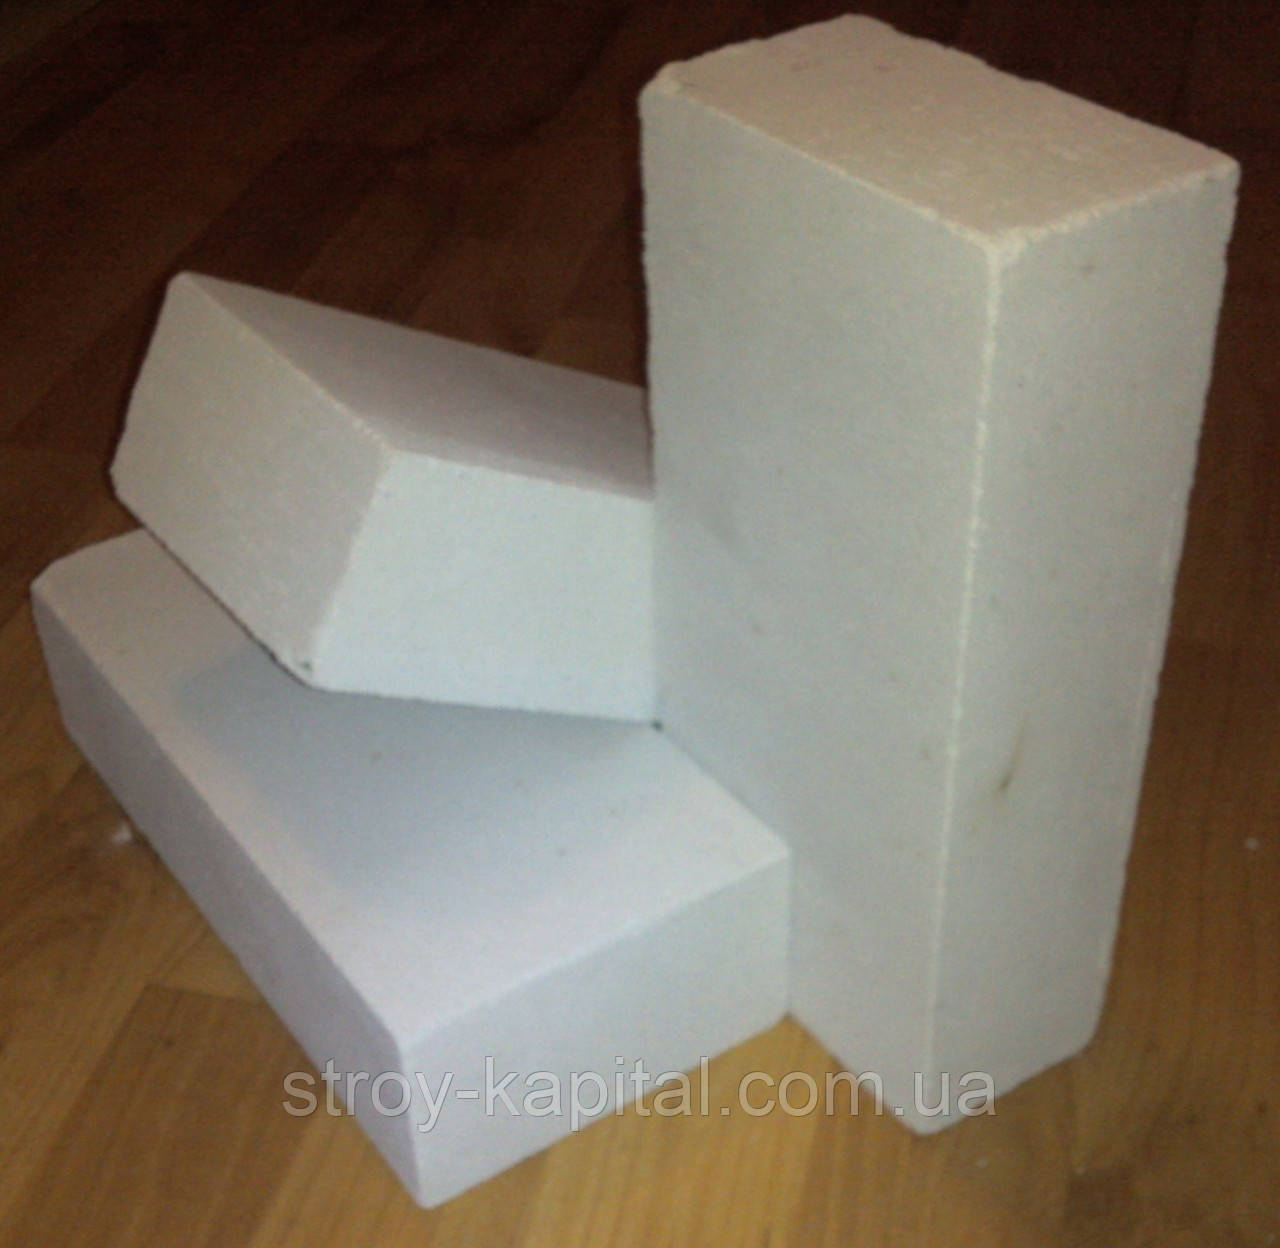 Кирпич белый силикатный